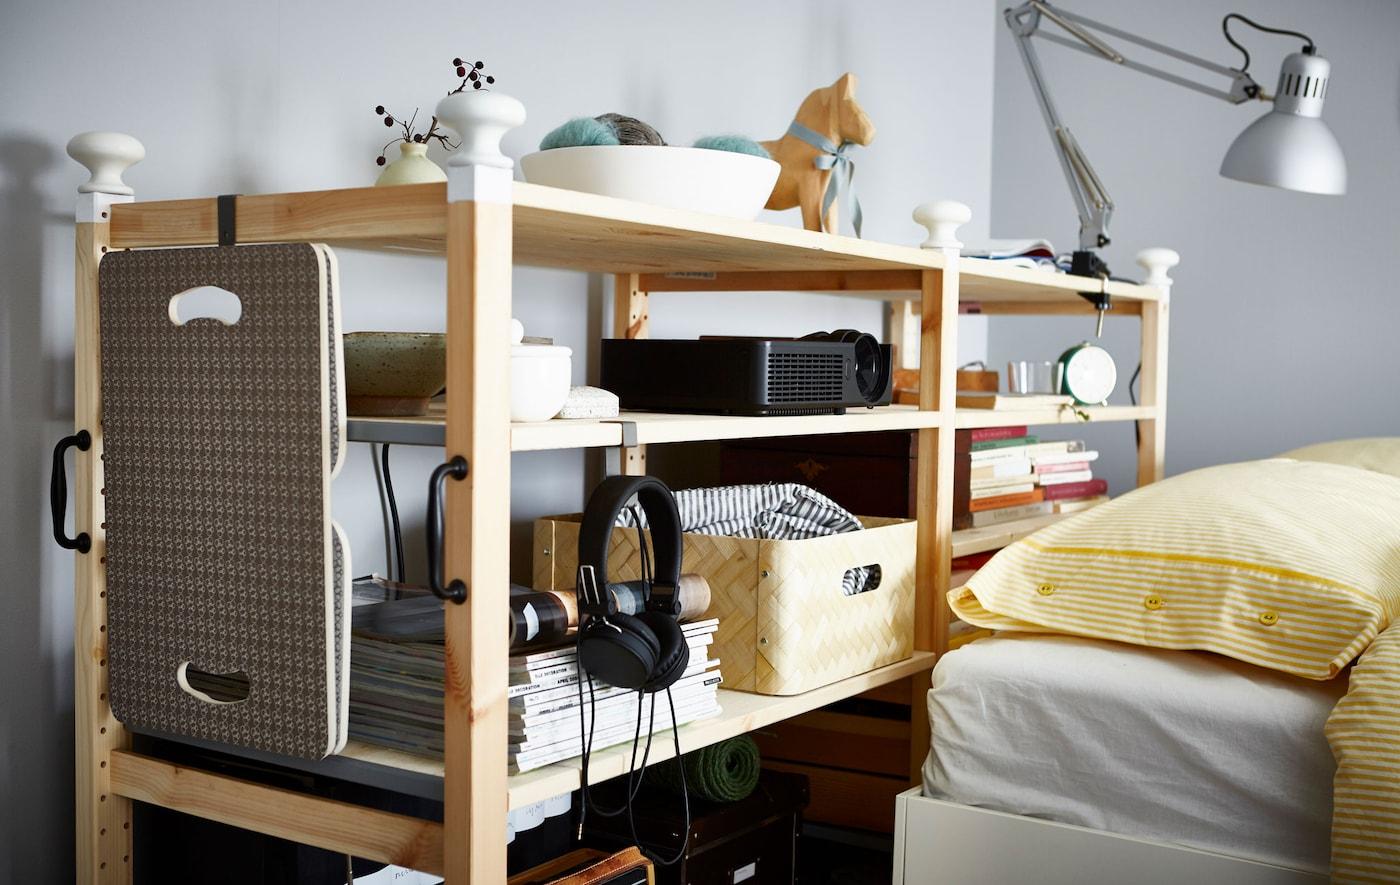 Ein personalisiertes IVAR Regal mit vielen Büchern & Accessoires hinter einem Bett